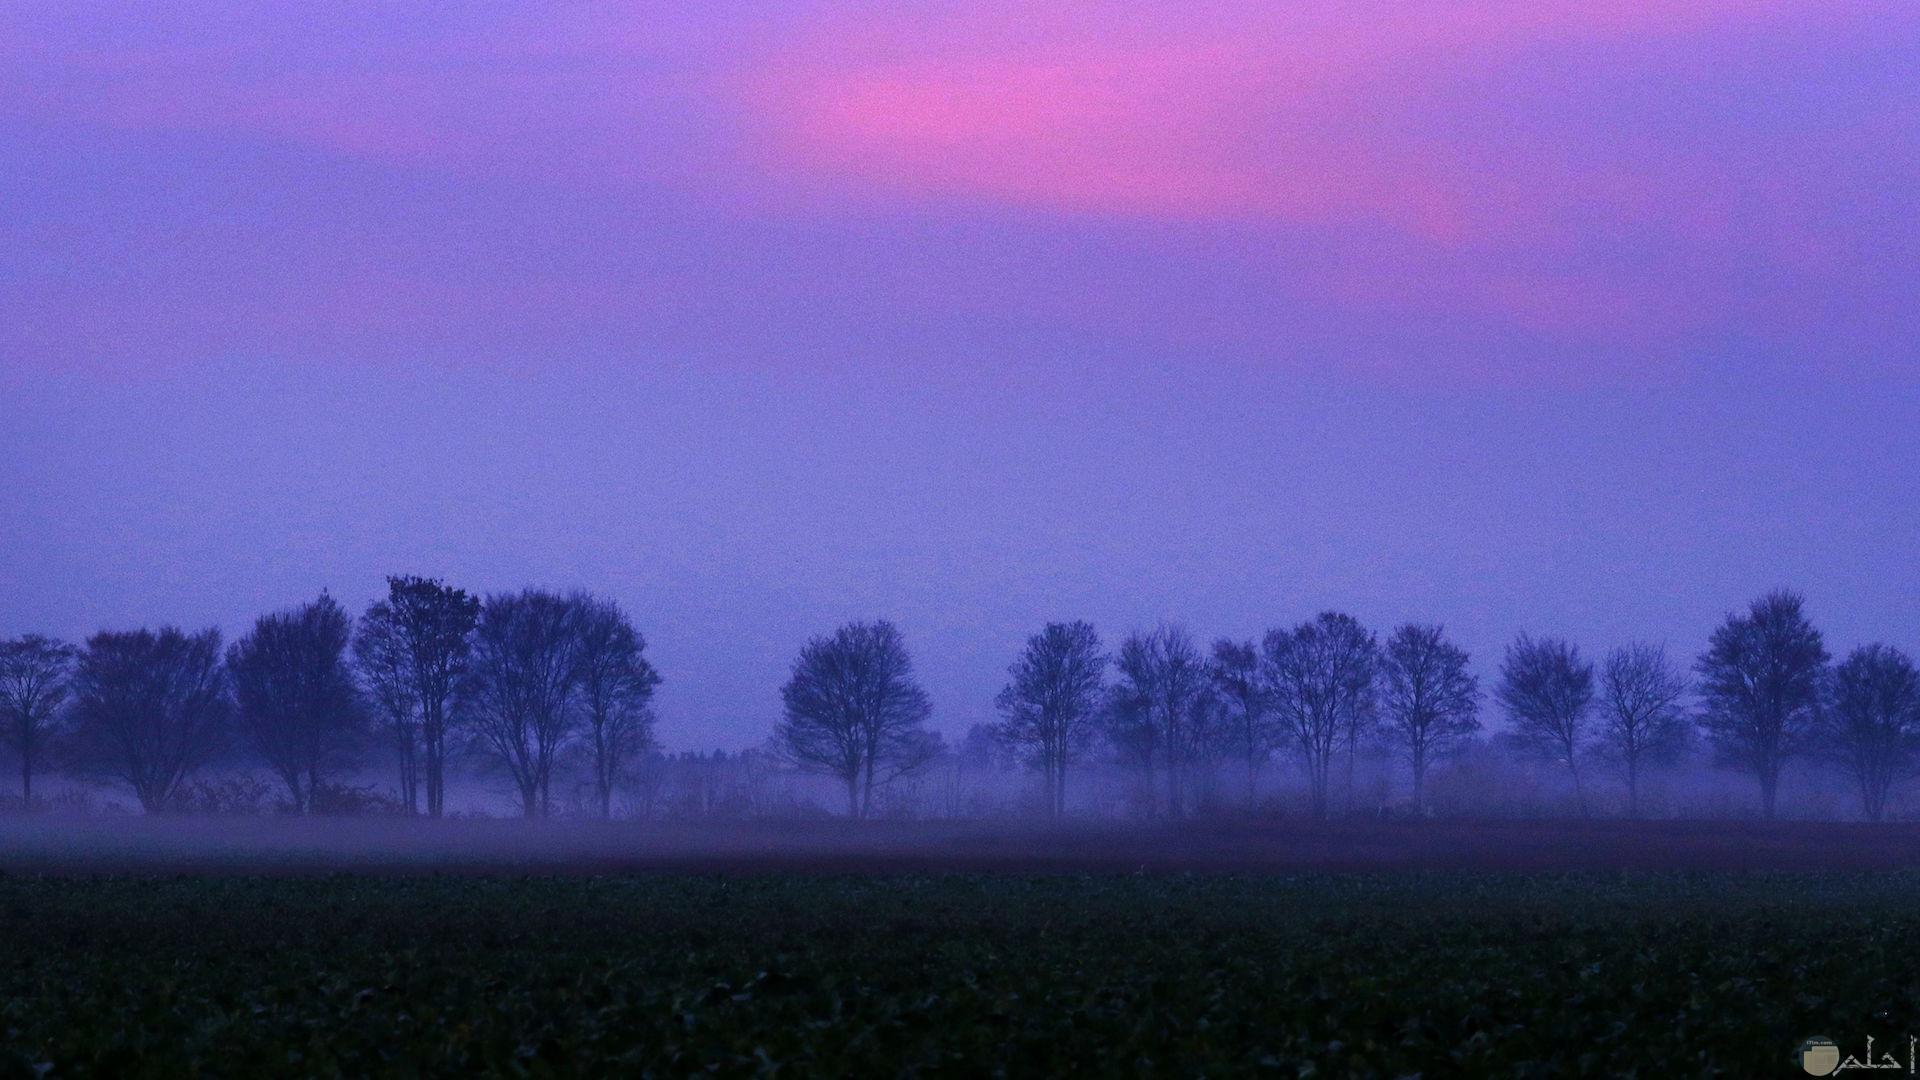 سماء باللون البنفسجي مع منظر جميل للأشجار بالبنفسجي.